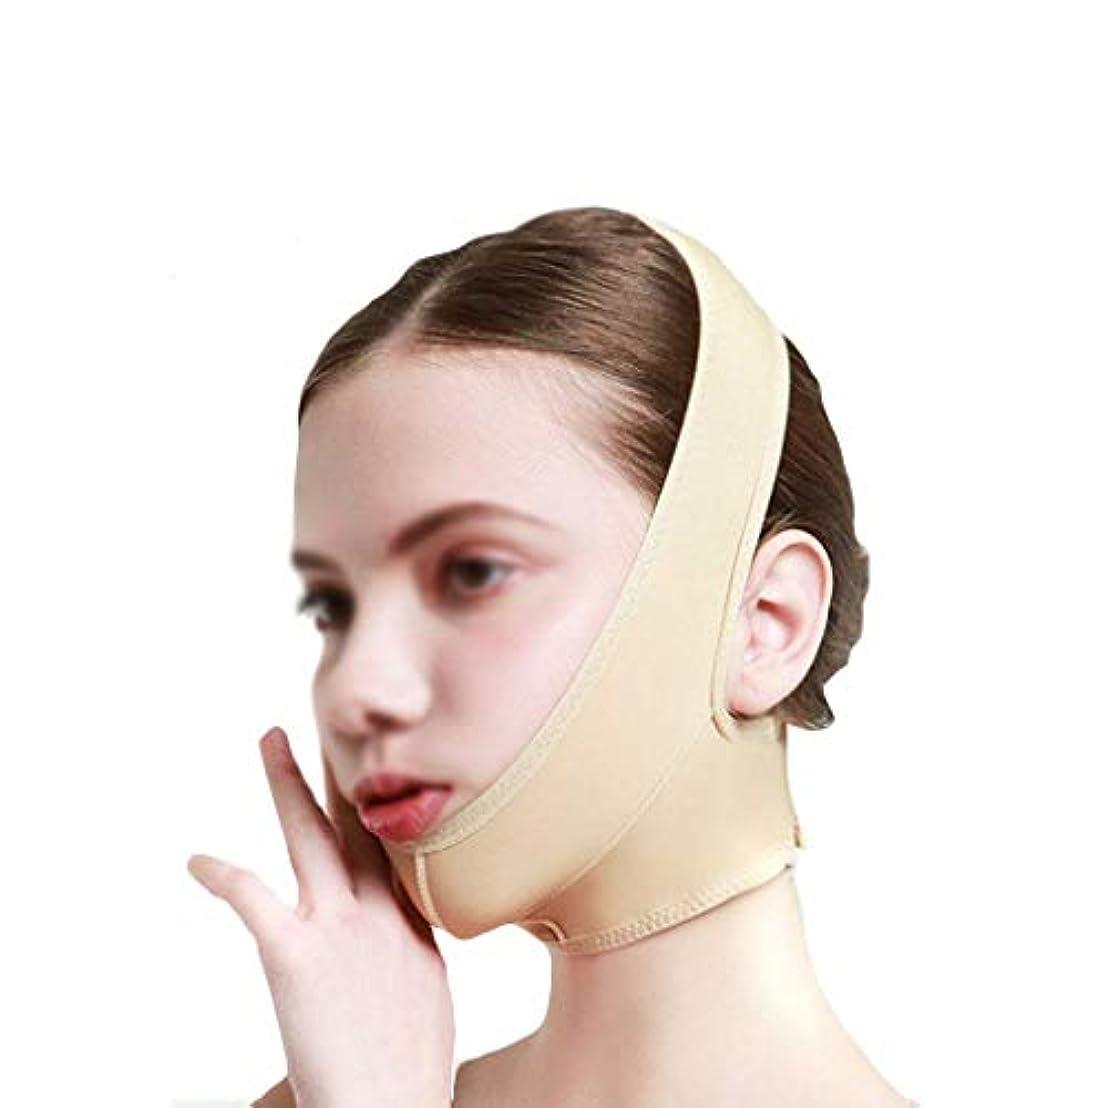 報告書イブ尊敬するダブルチンリデューサー、フェイススリミングマスク、フェイスリフティング、ストレッチマスク、ダブルチン、浮腫緩和、ケアツール、通気性(サイズ:XL),S